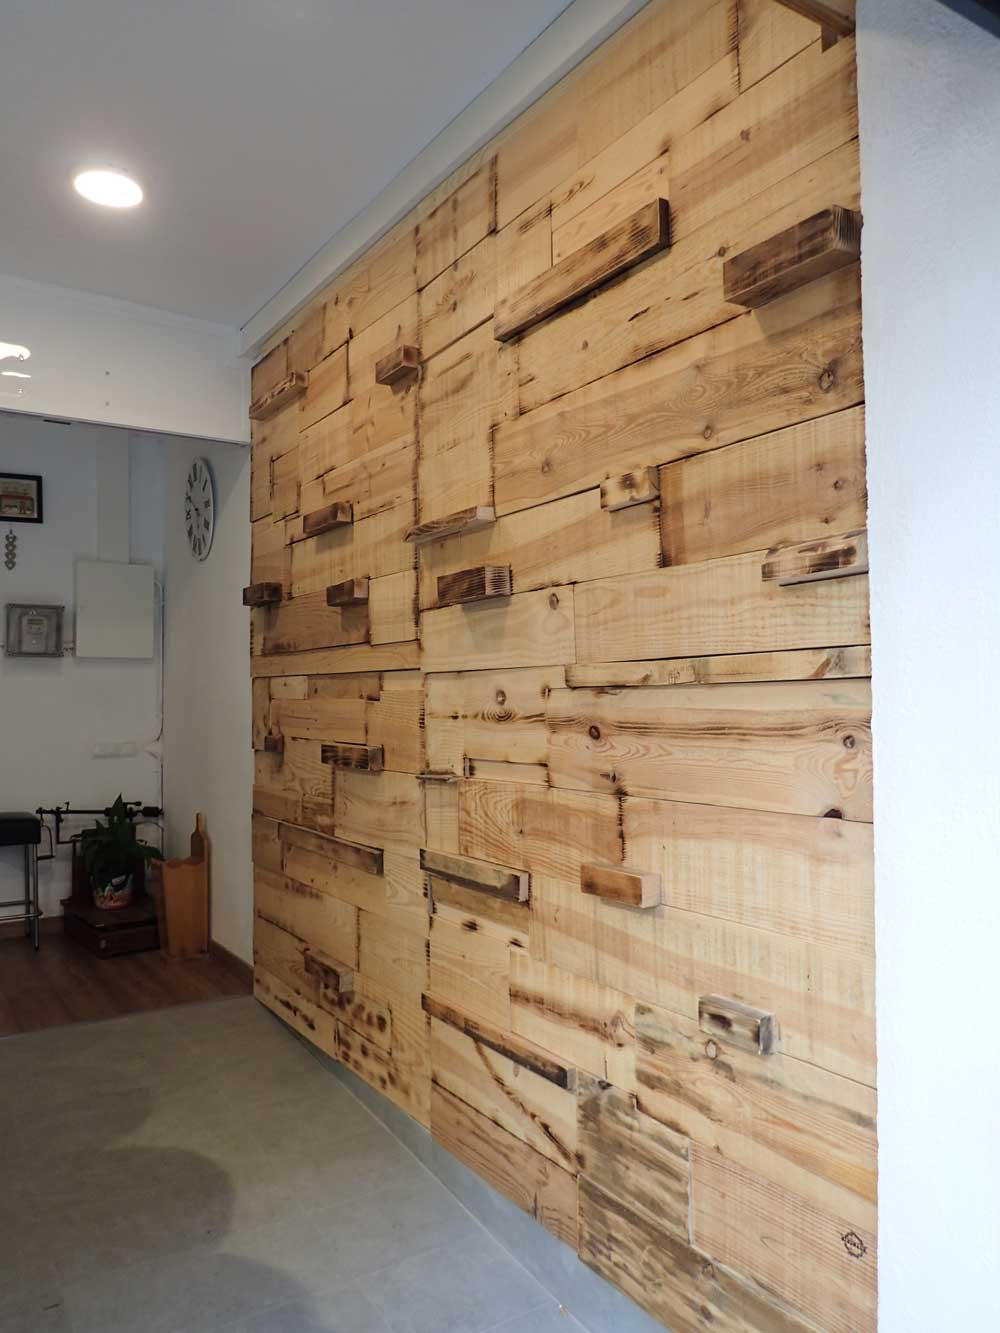 Muebles de madera de pino natural para tienda ecol gica y - Muebles en madera de pino ...